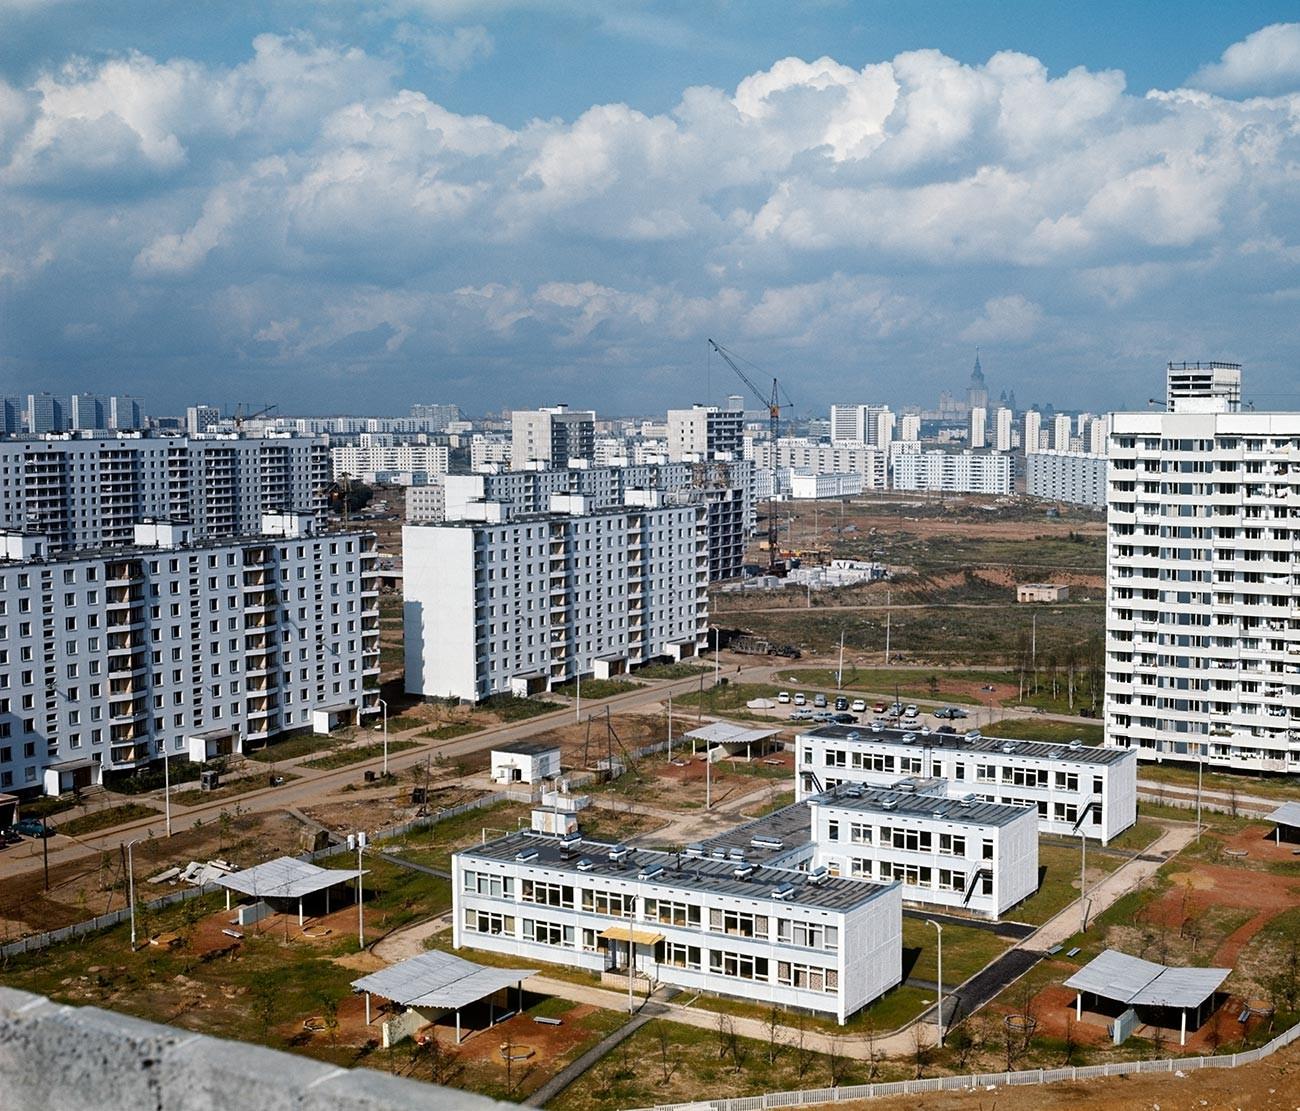 Un quartier résidentiel de Moscou